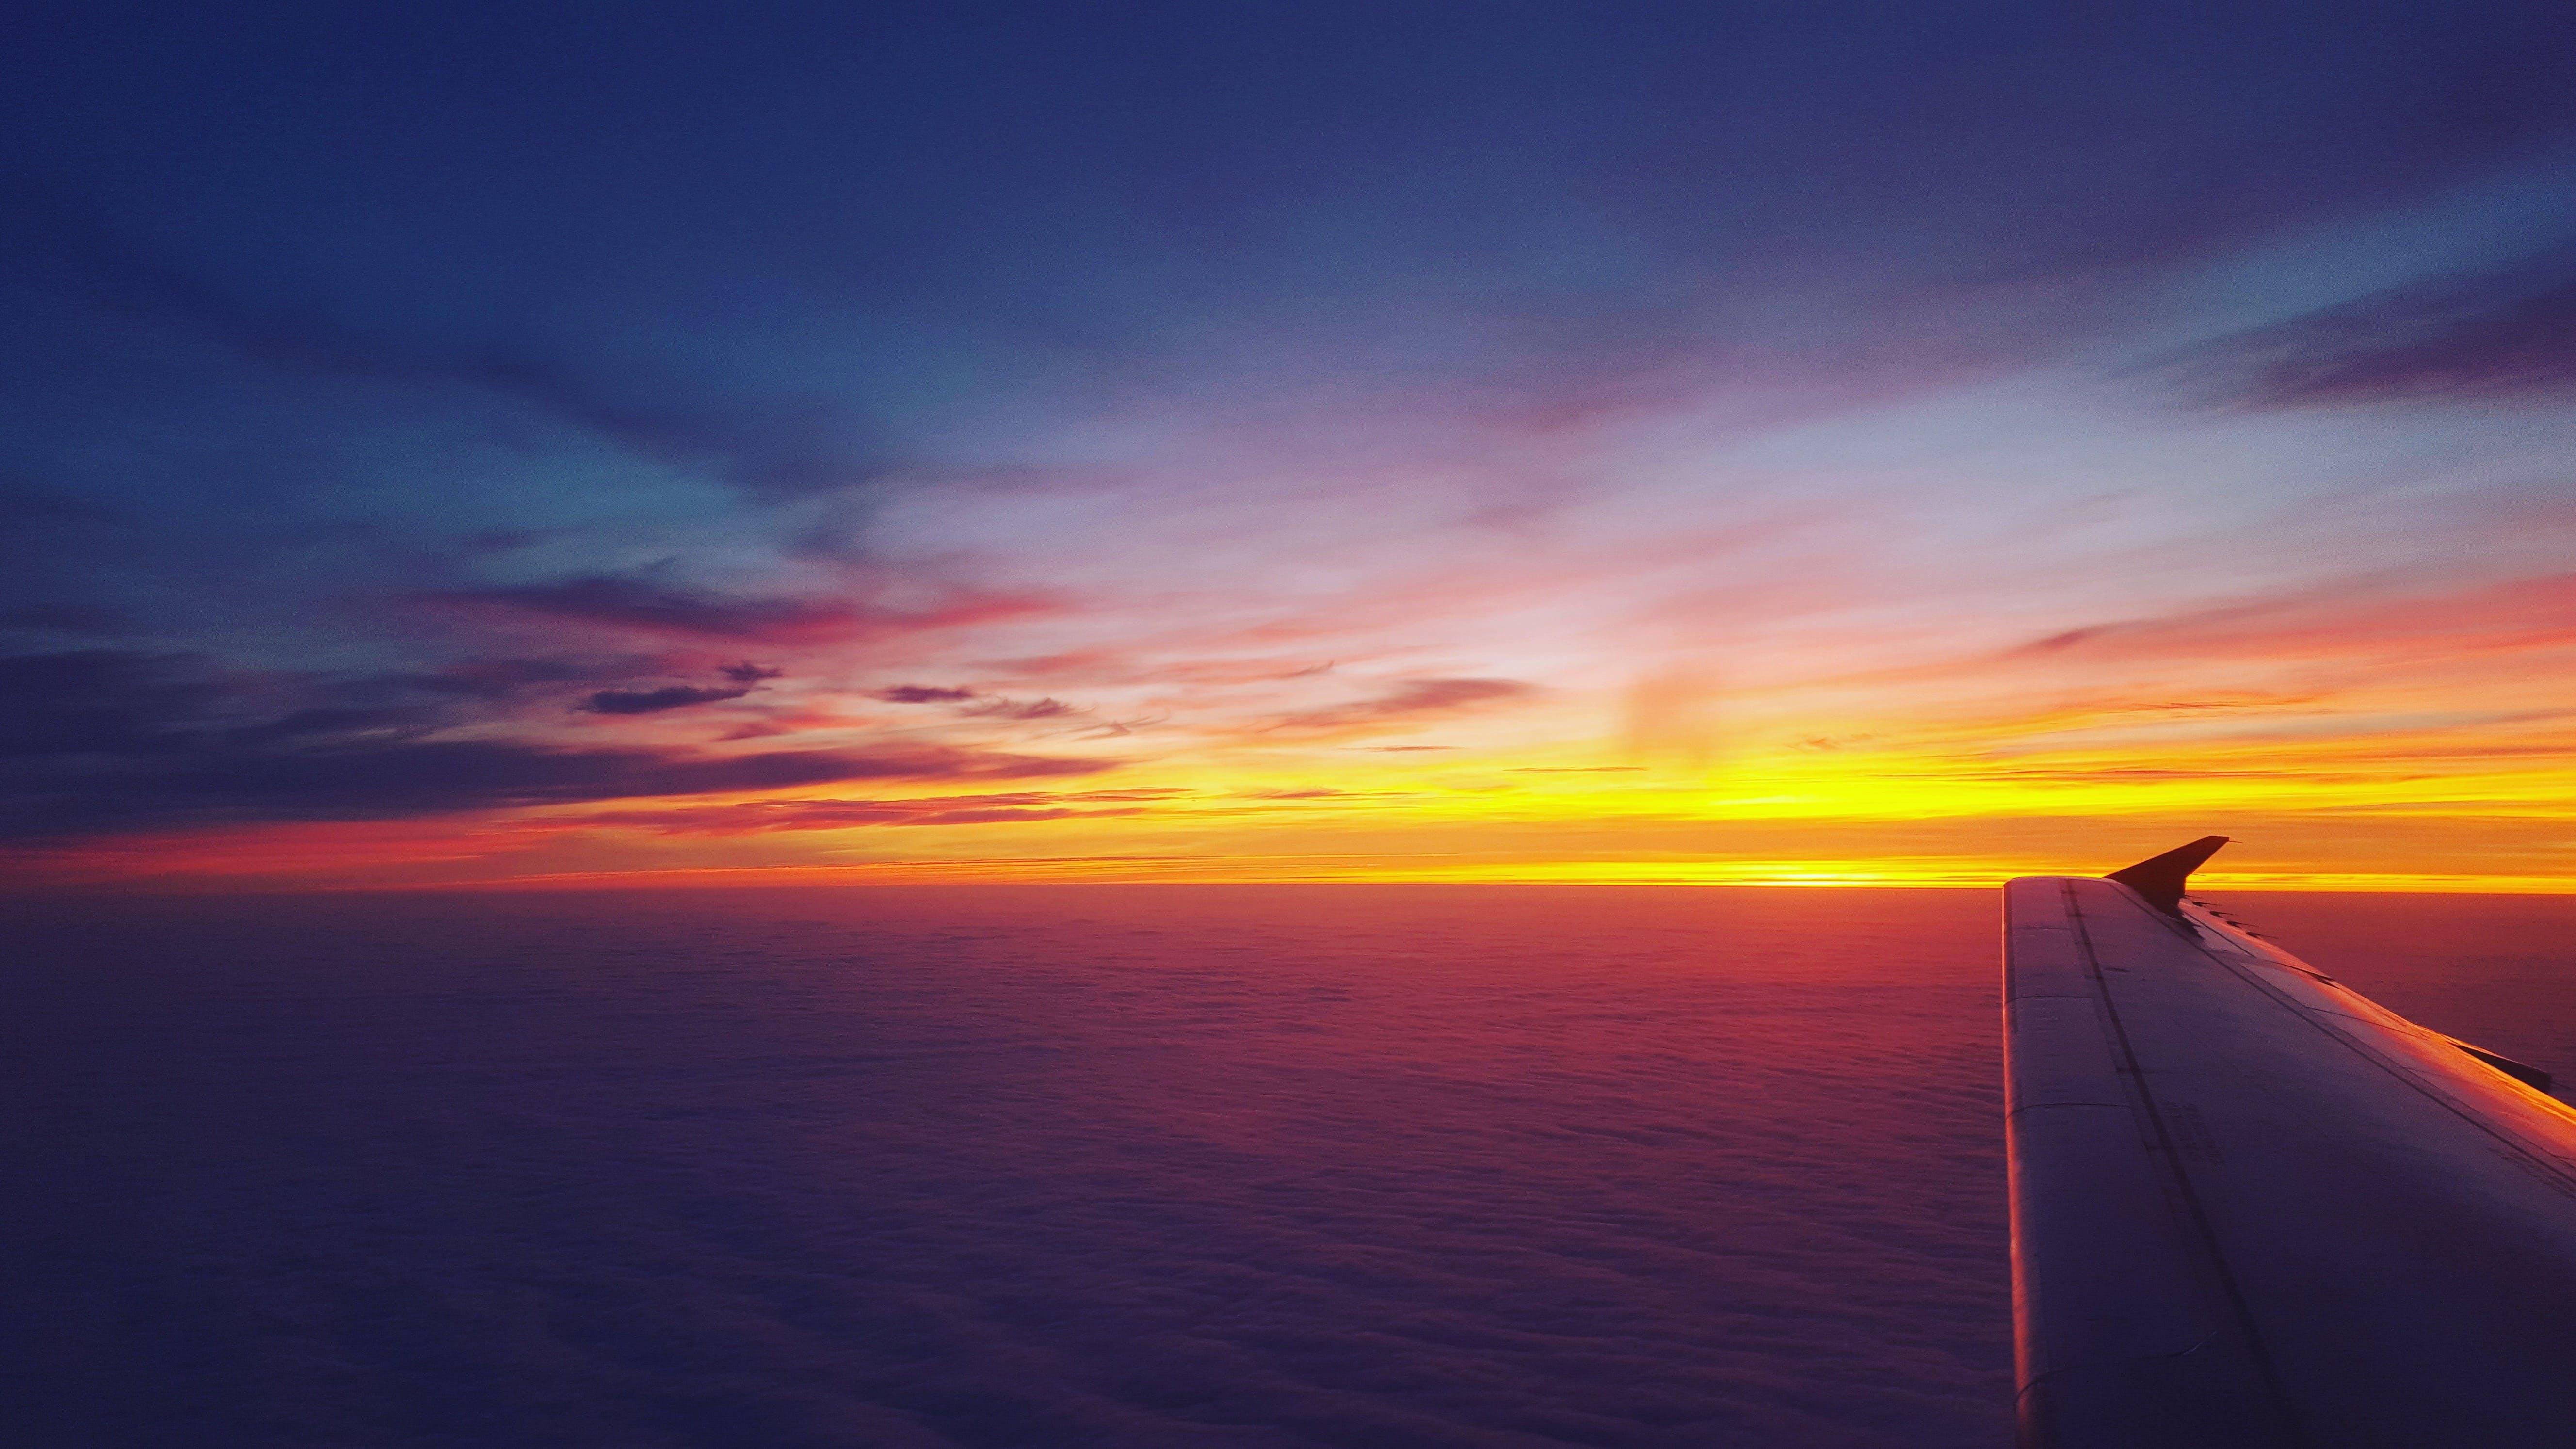 Безкоштовне стокове фото на тему «Авіація, вода, горизонт, Захід сонця»